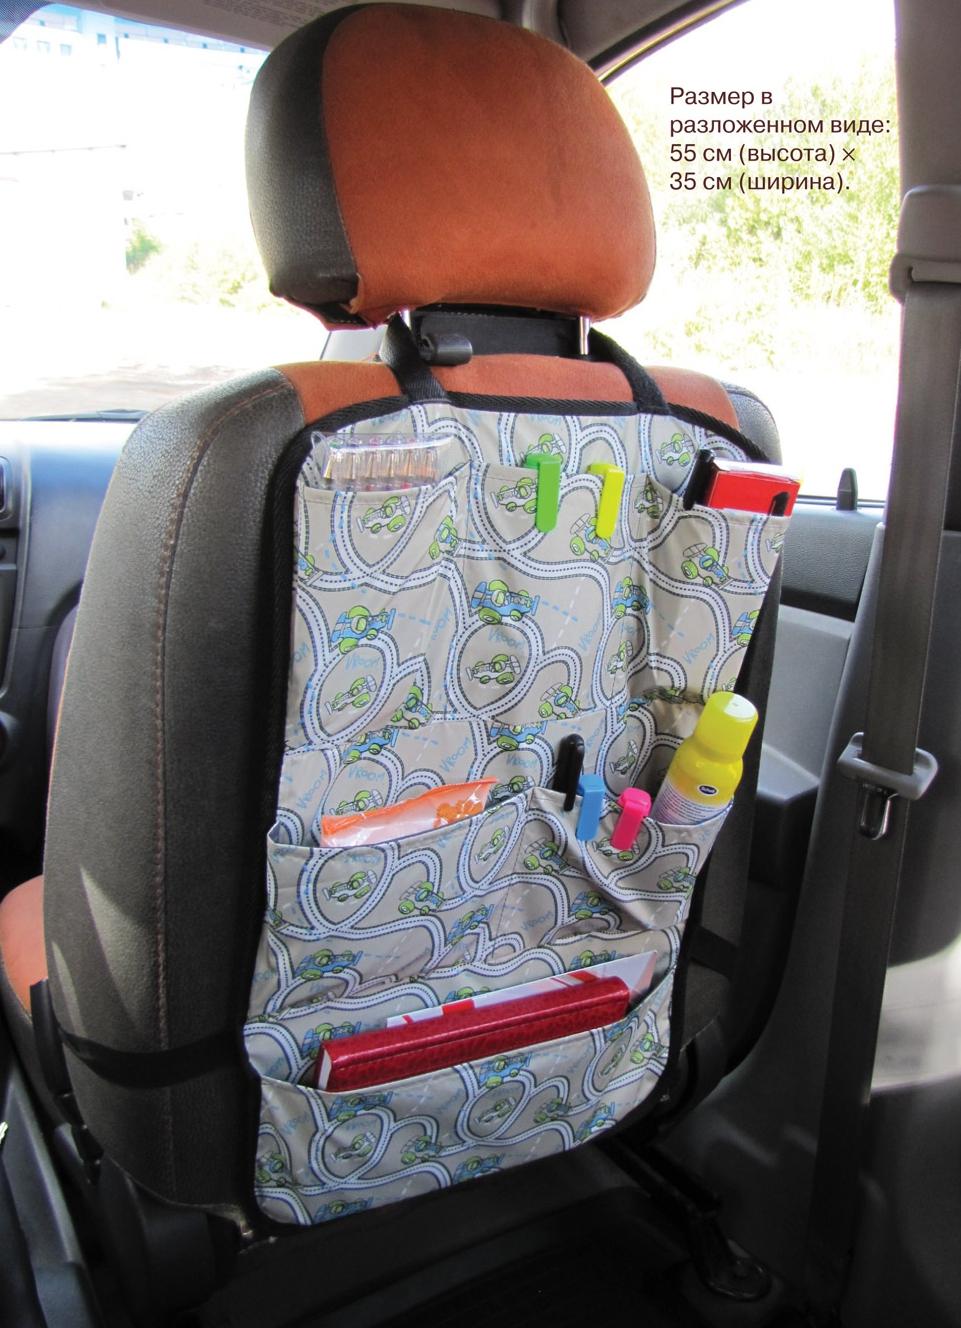 Путешествие с ребенком Фэст Органайзер в автомобиль путешествие с ребенком топотушки органайзер на спинку сиденья